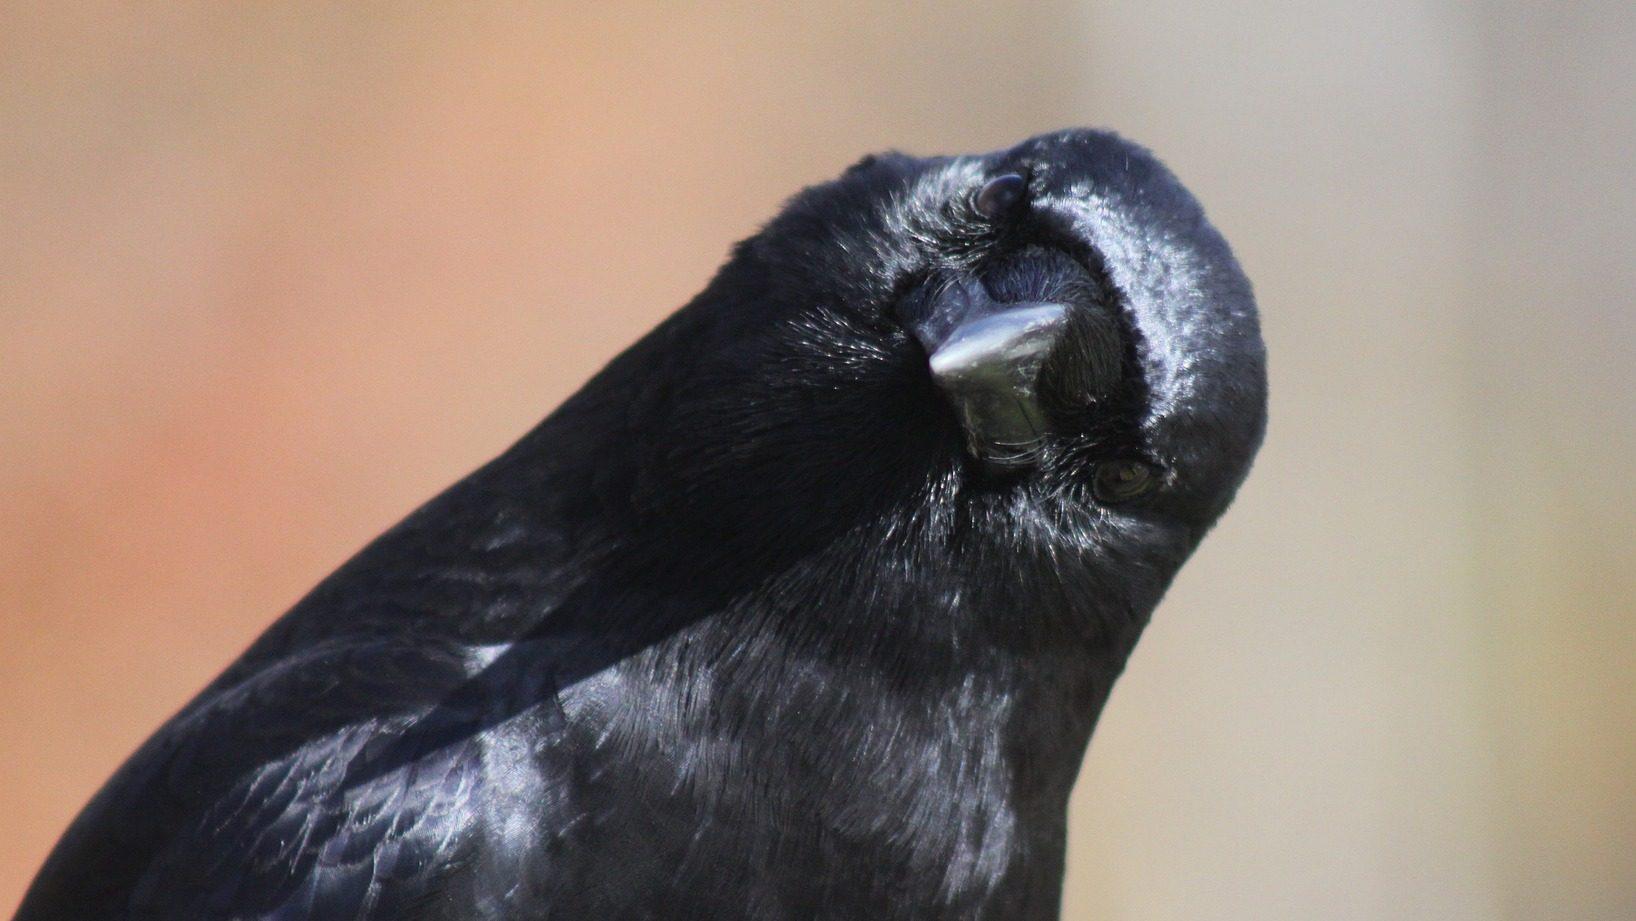 Image: Crow looking at camera